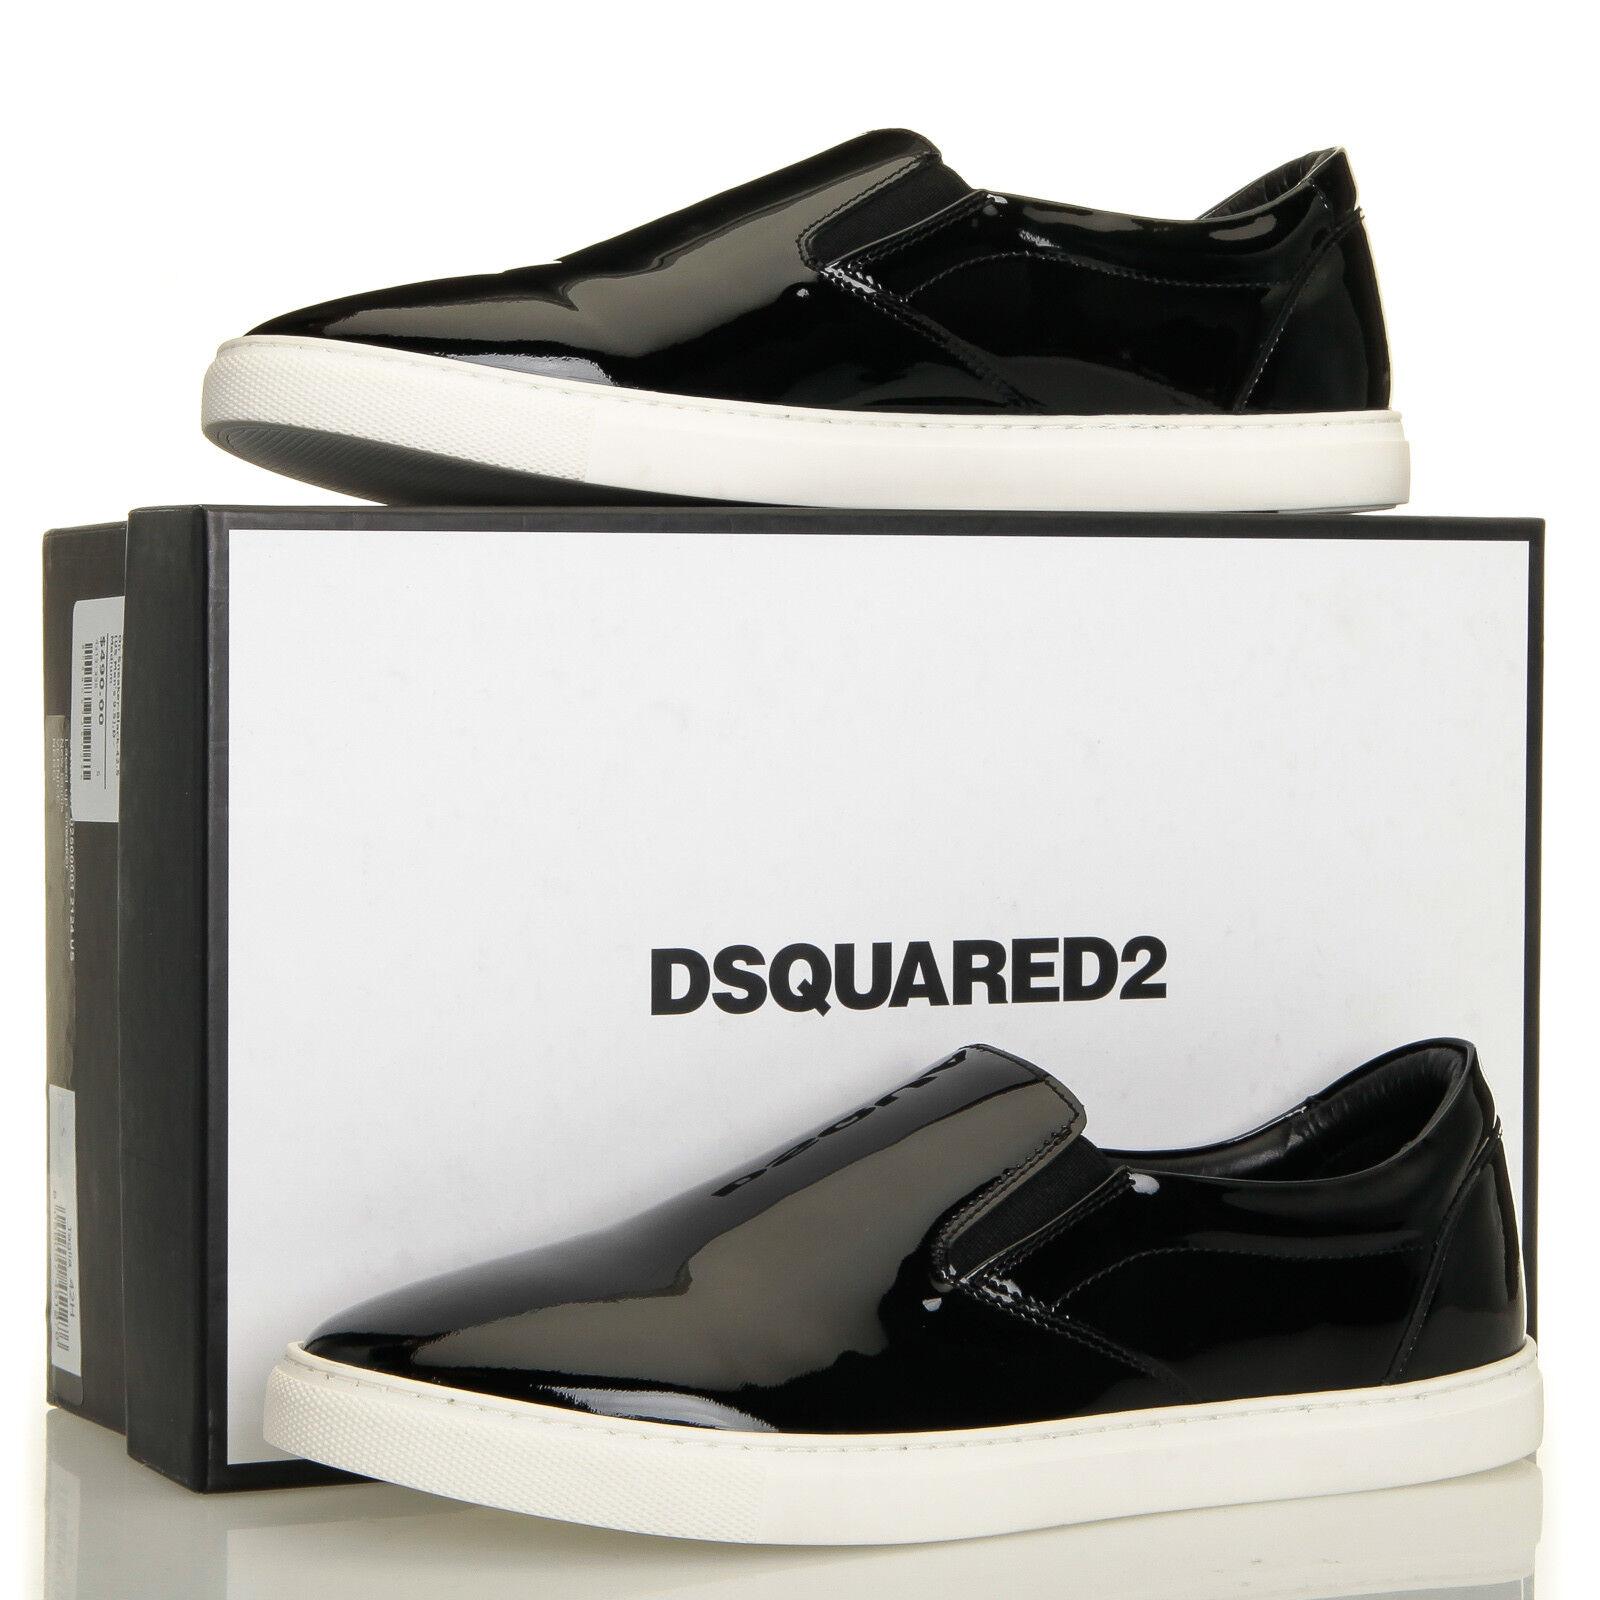 DSQUArosso2 Taglia nero Patent Leather Slip-on scarpe da ginnastica - Mens 9.5 (42.5 EU)